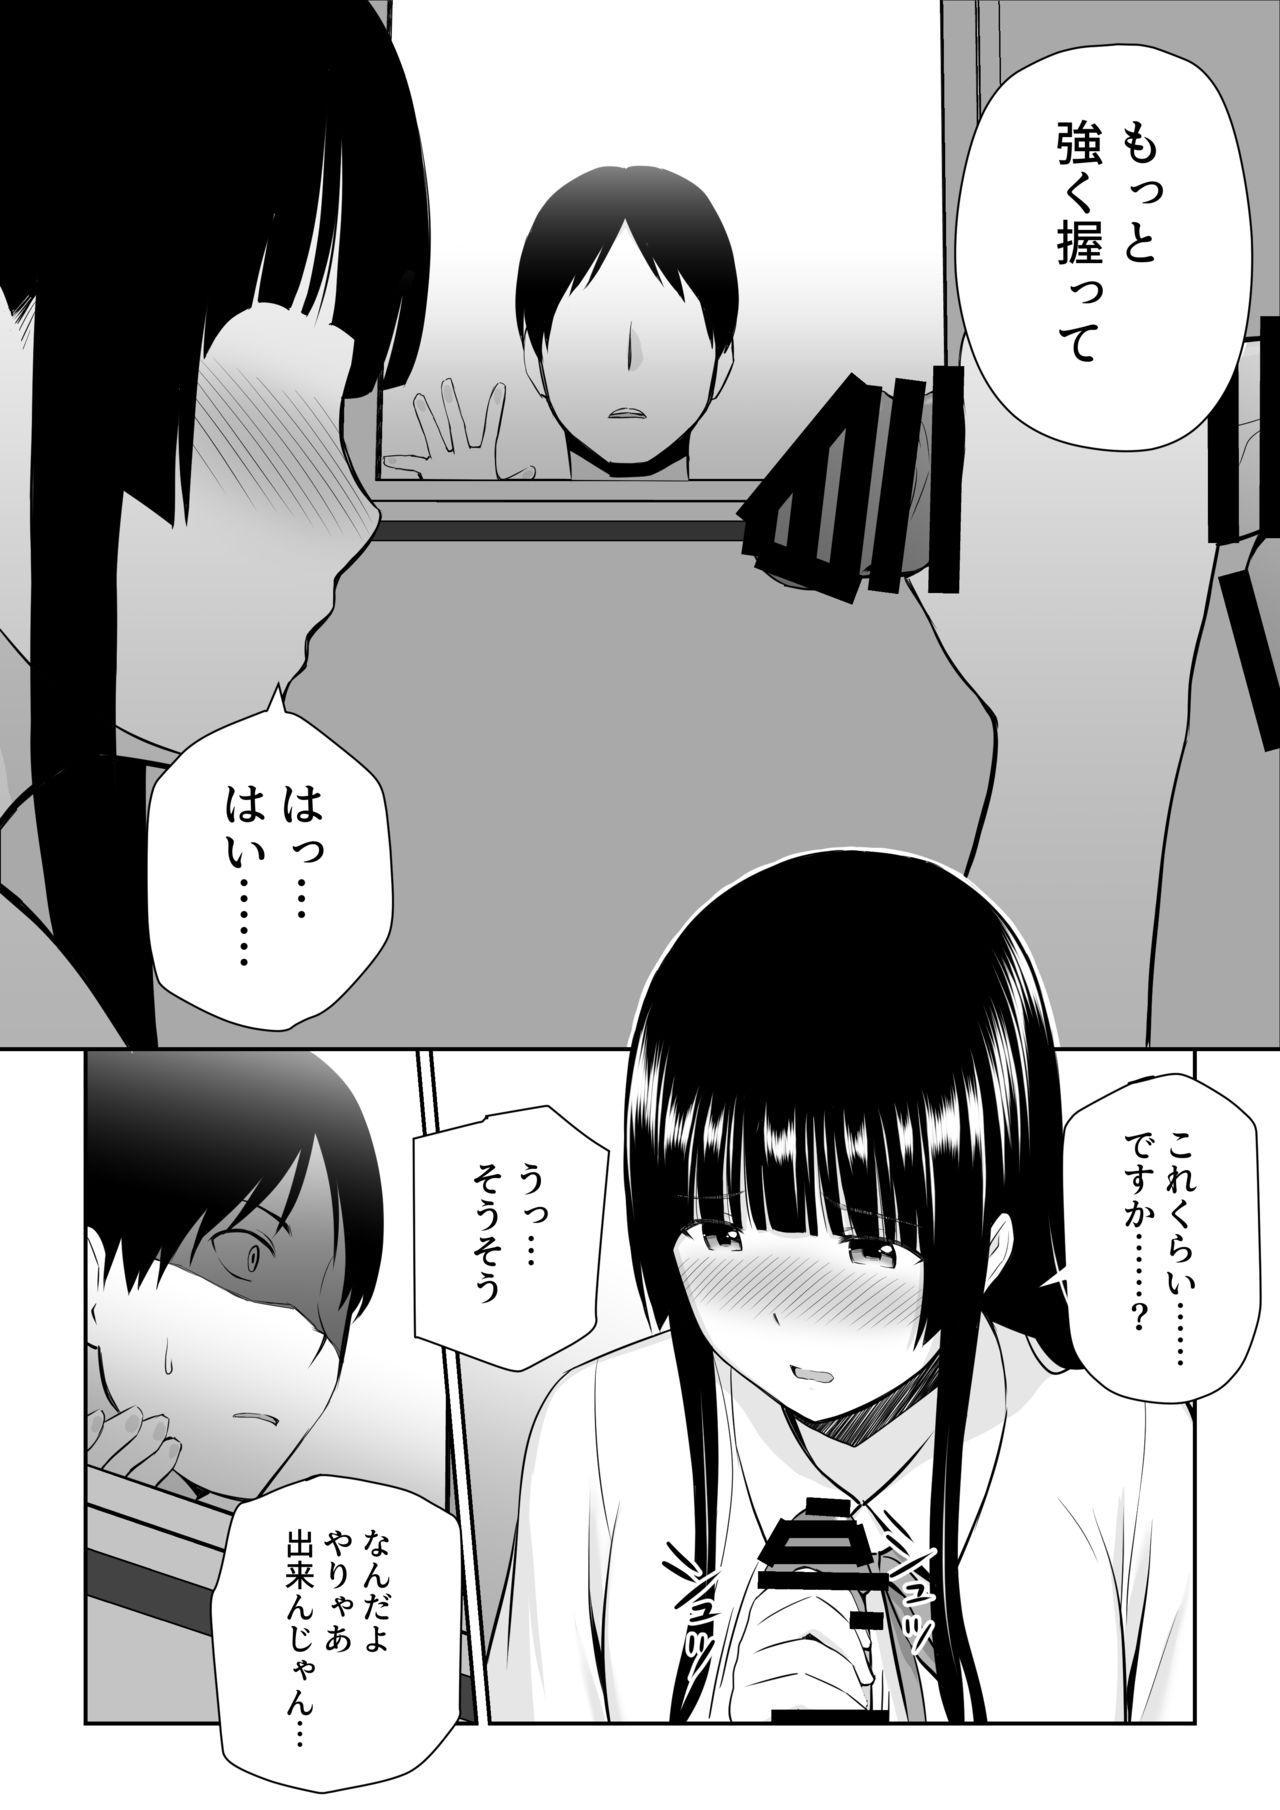 Suzushiro-san wa Onegai ni Yowai 22